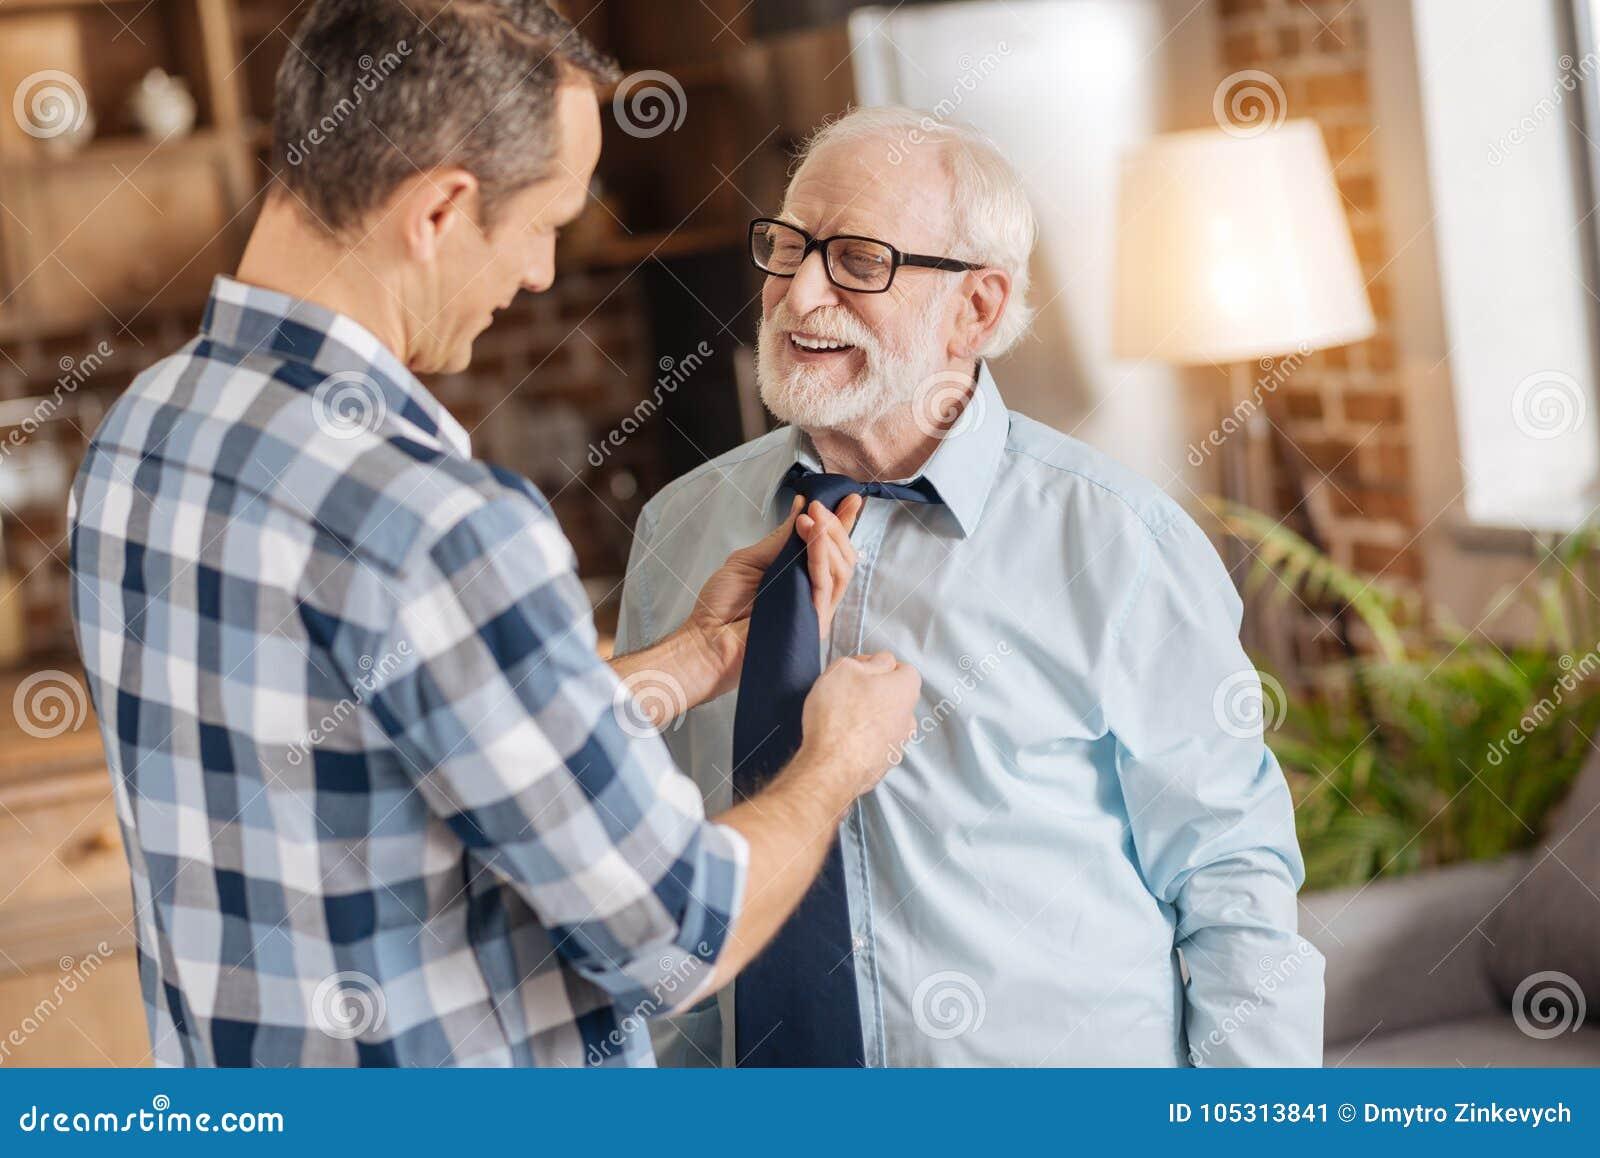 Mitfühlender Mann, der seinem älteren Vater hilft, seins zu binden Bindung